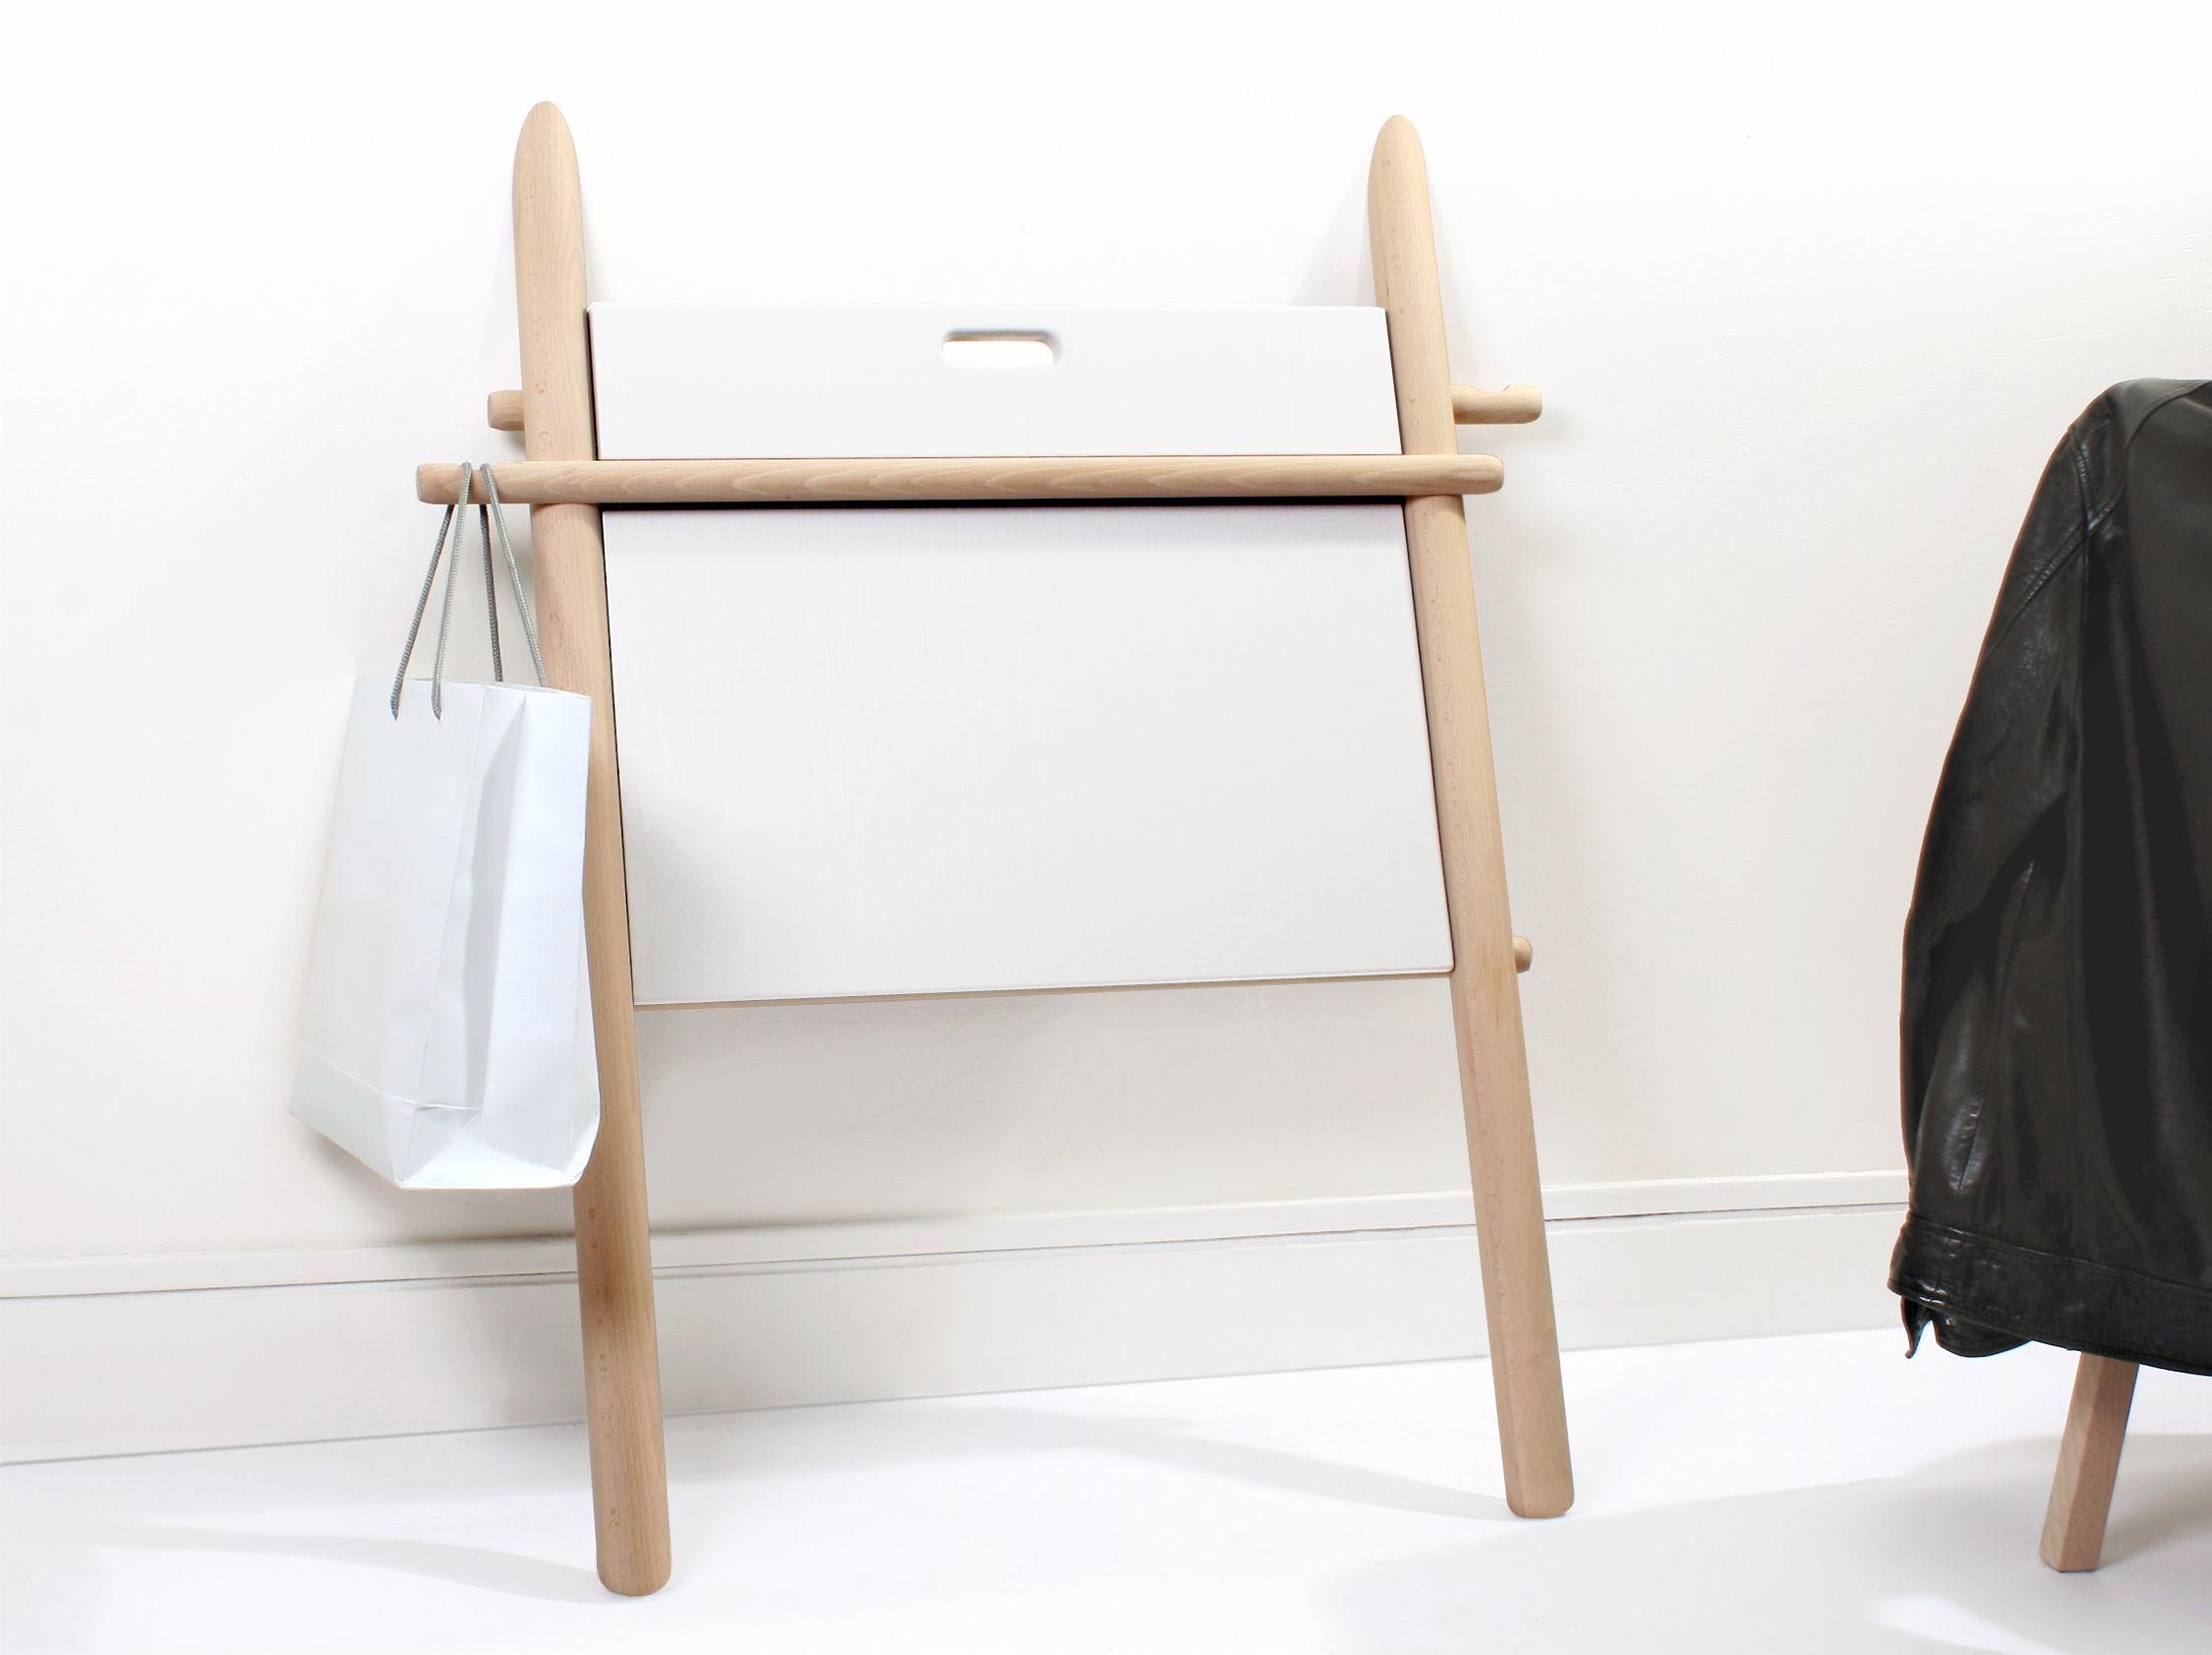 Bureau appunto pliable table d appoint hêtre plateau blanc